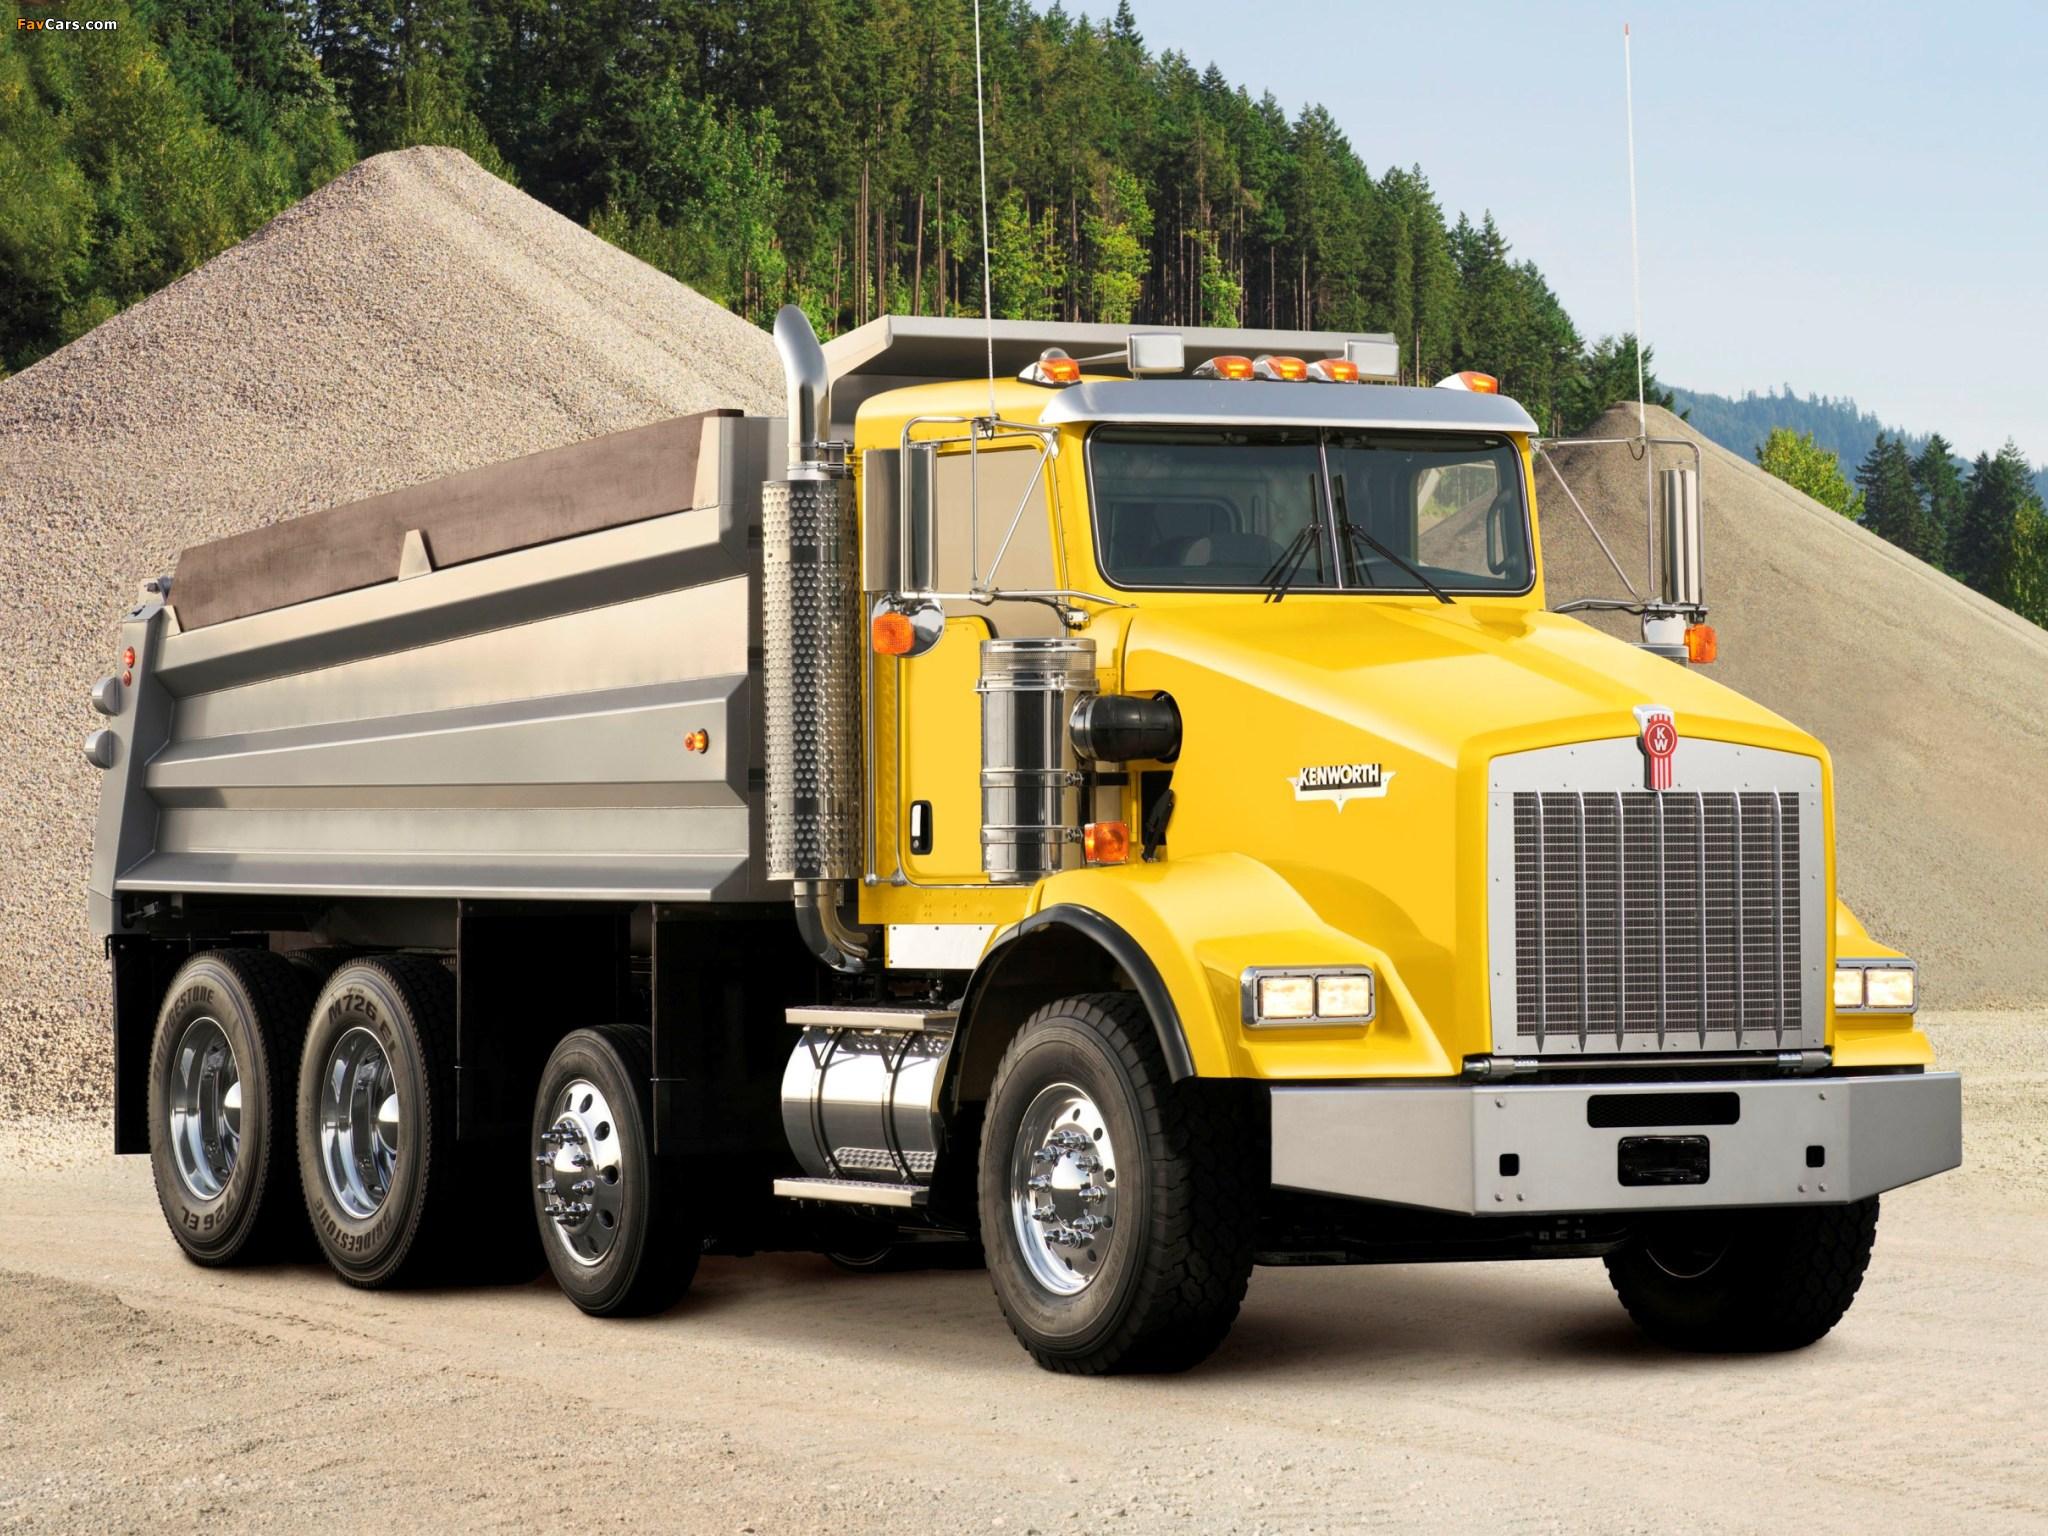 Kenworth T800 Dump Truck 2005 wallpapers (2048 x 1536)